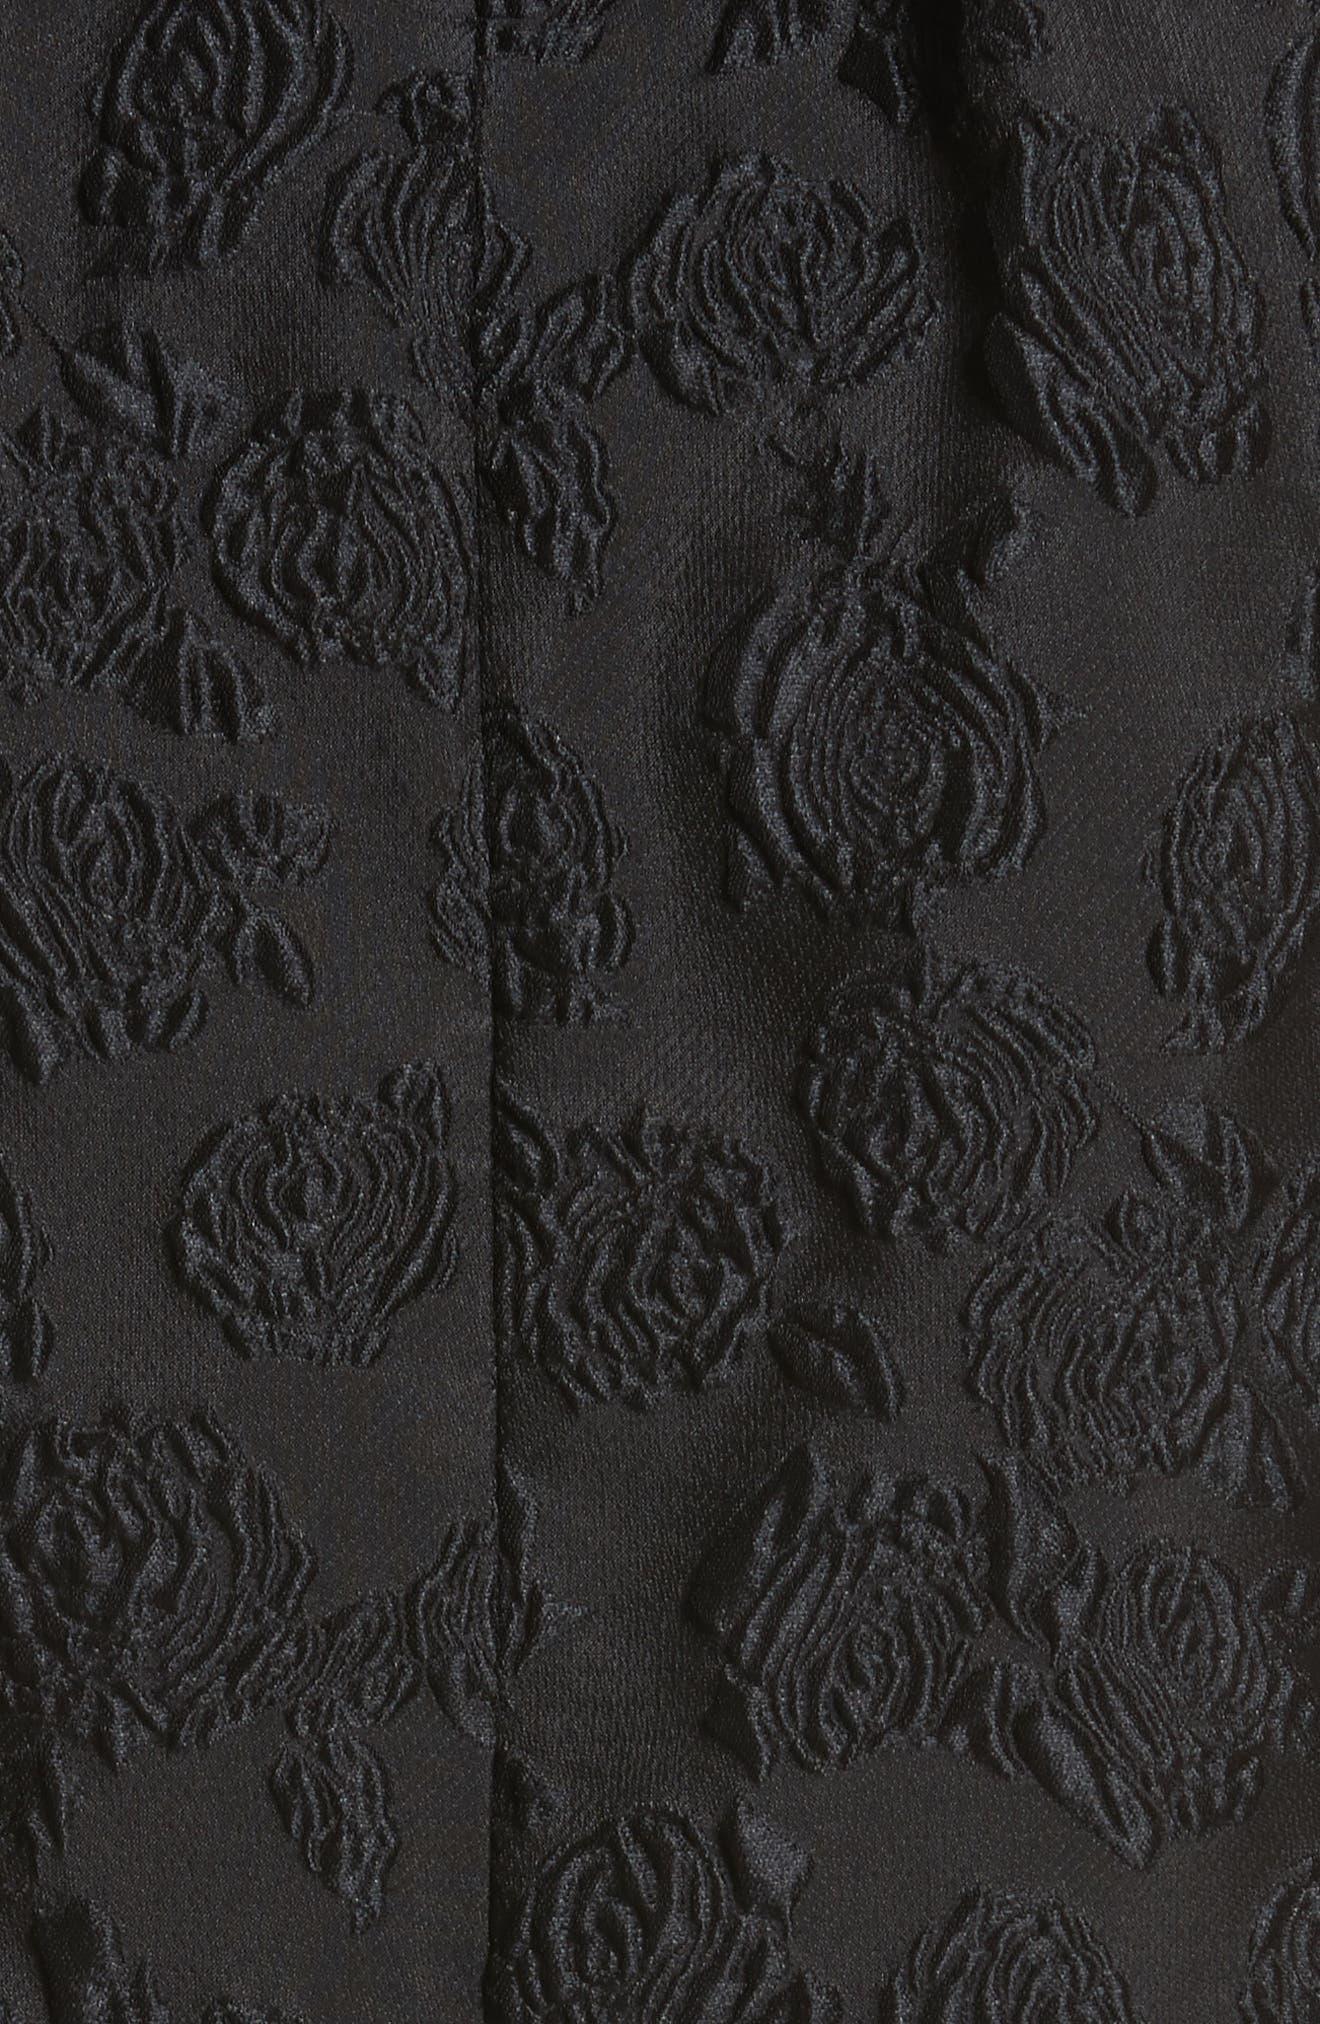 Rose Jacquard Dress,                             Alternate thumbnail 6, color,                             Black